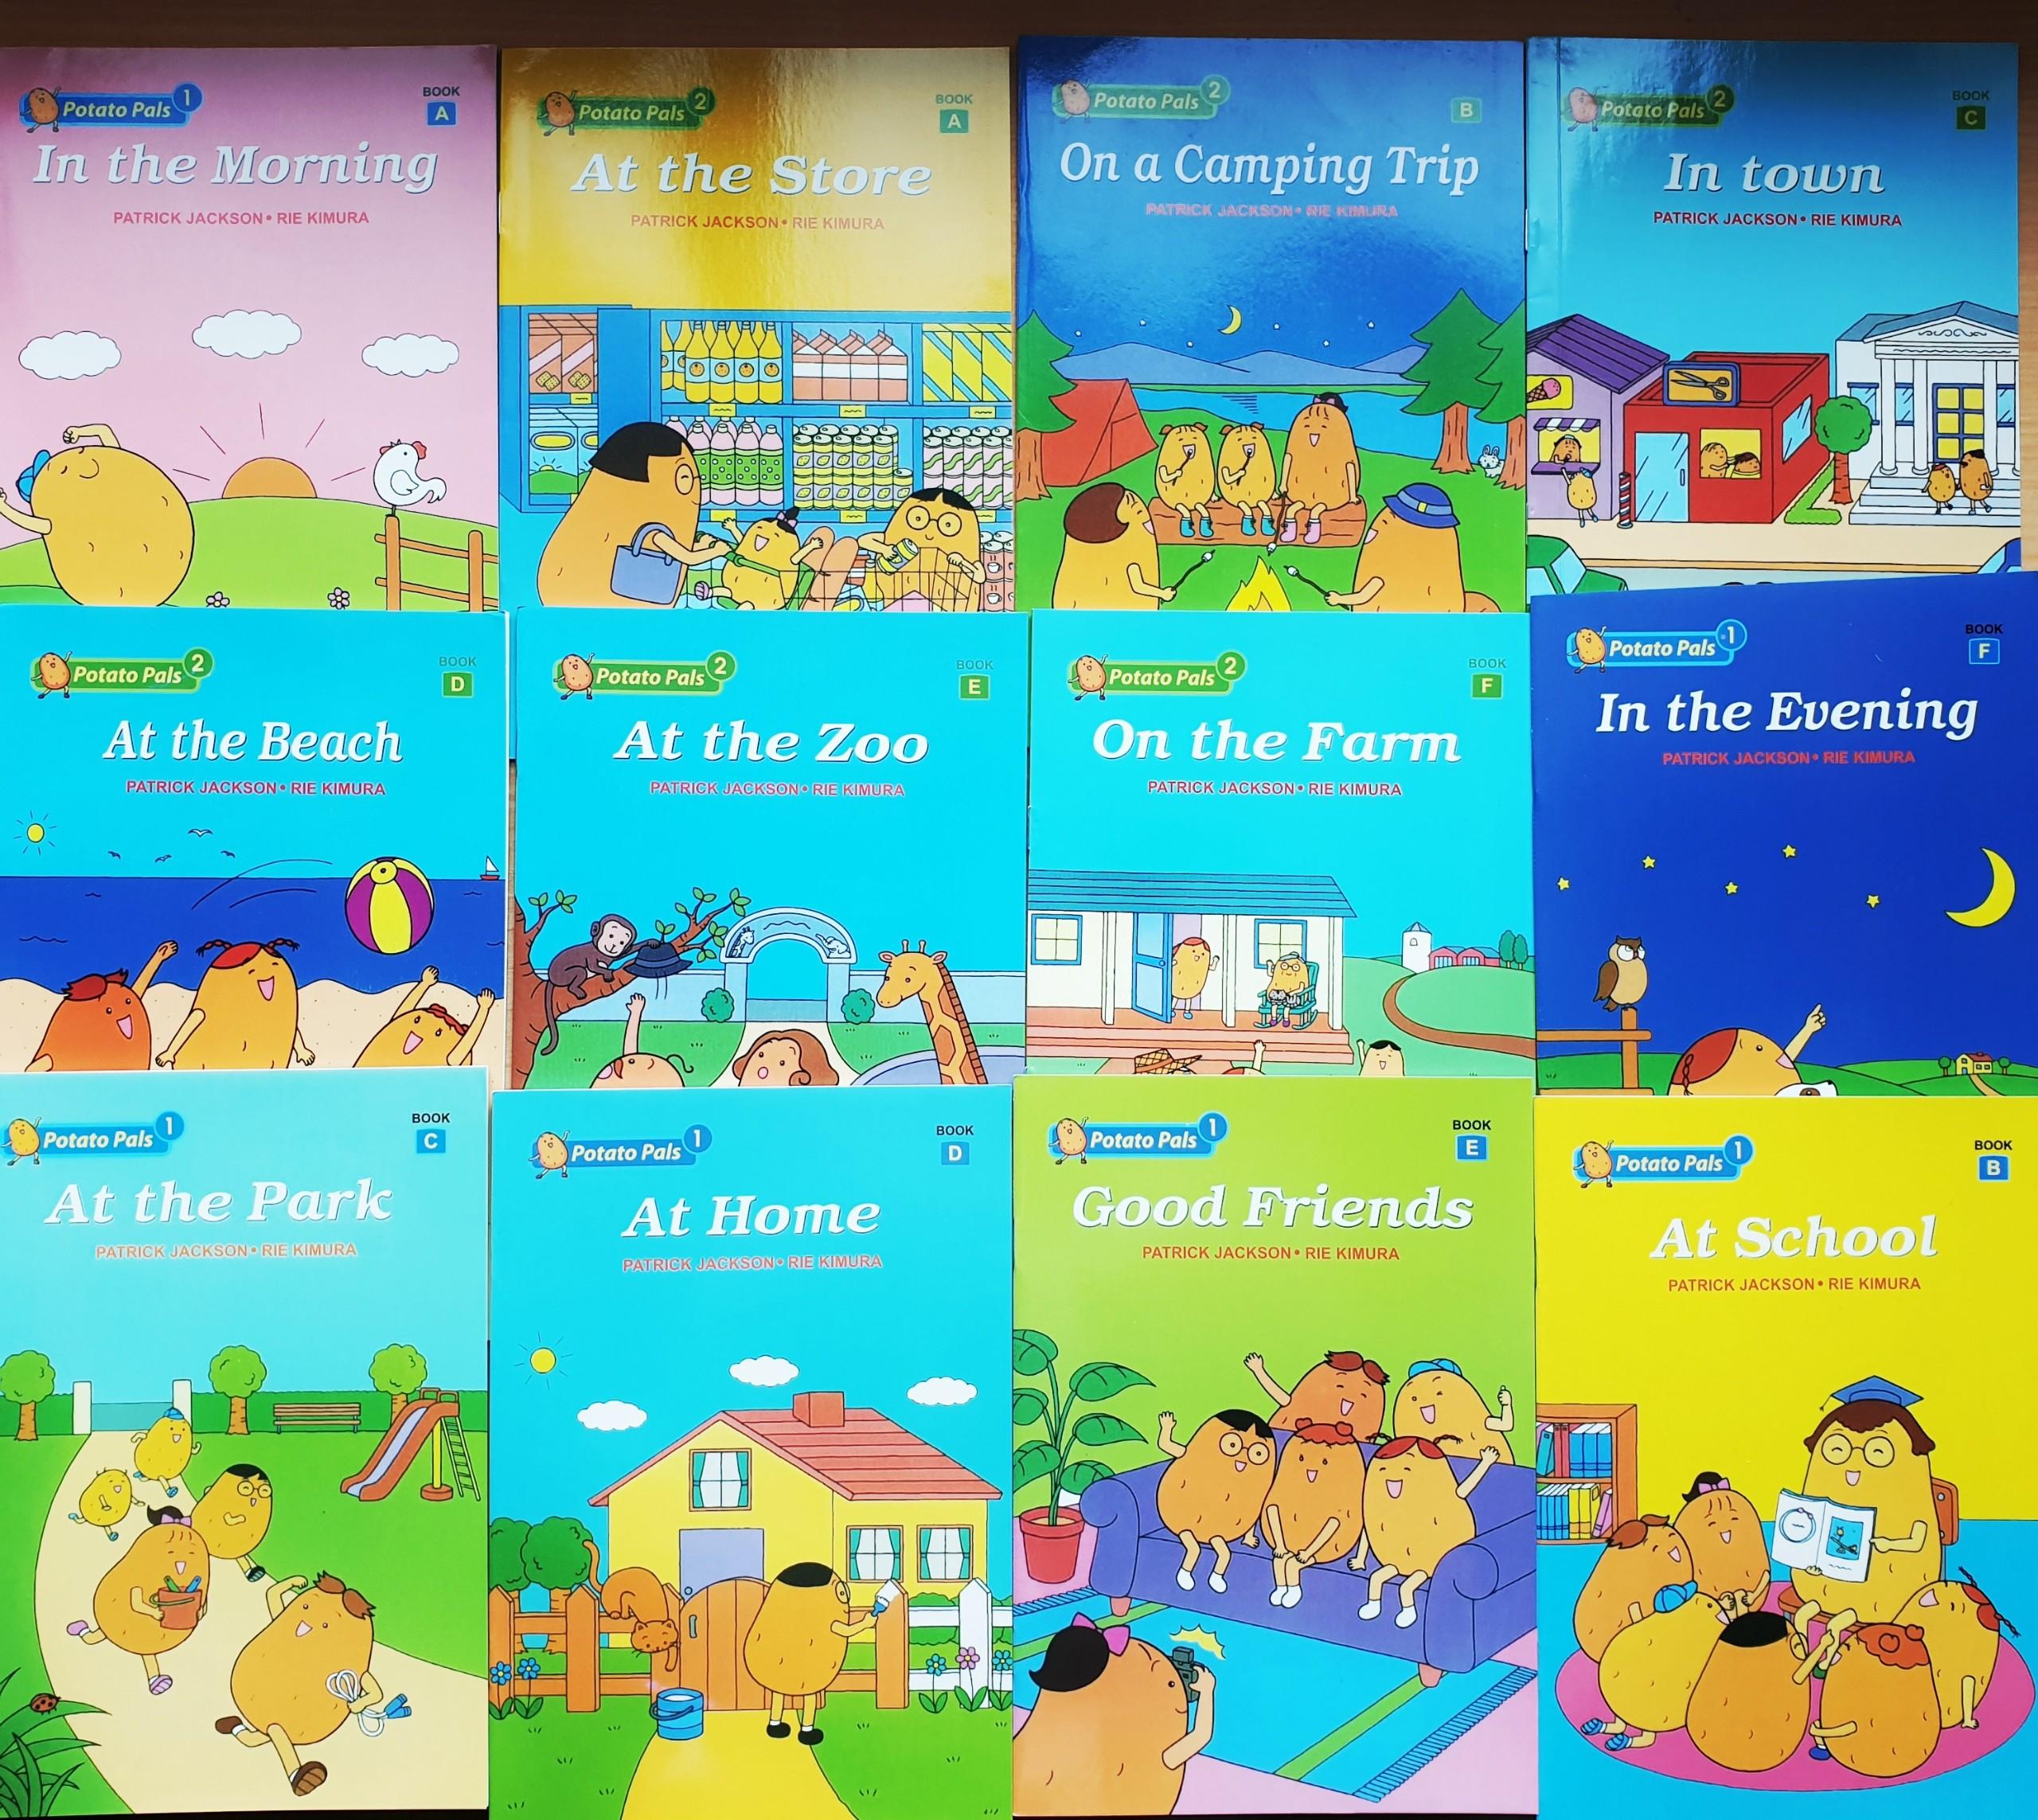 Mã Giảm Giá Bộ Sách Potato Pals Nhập Khẩu 12 Cuốn + File Nghe + Giấy Cán Bóng ( Ảnh Thật) - Truyện Tiếng Anh Cho Trẻ Em